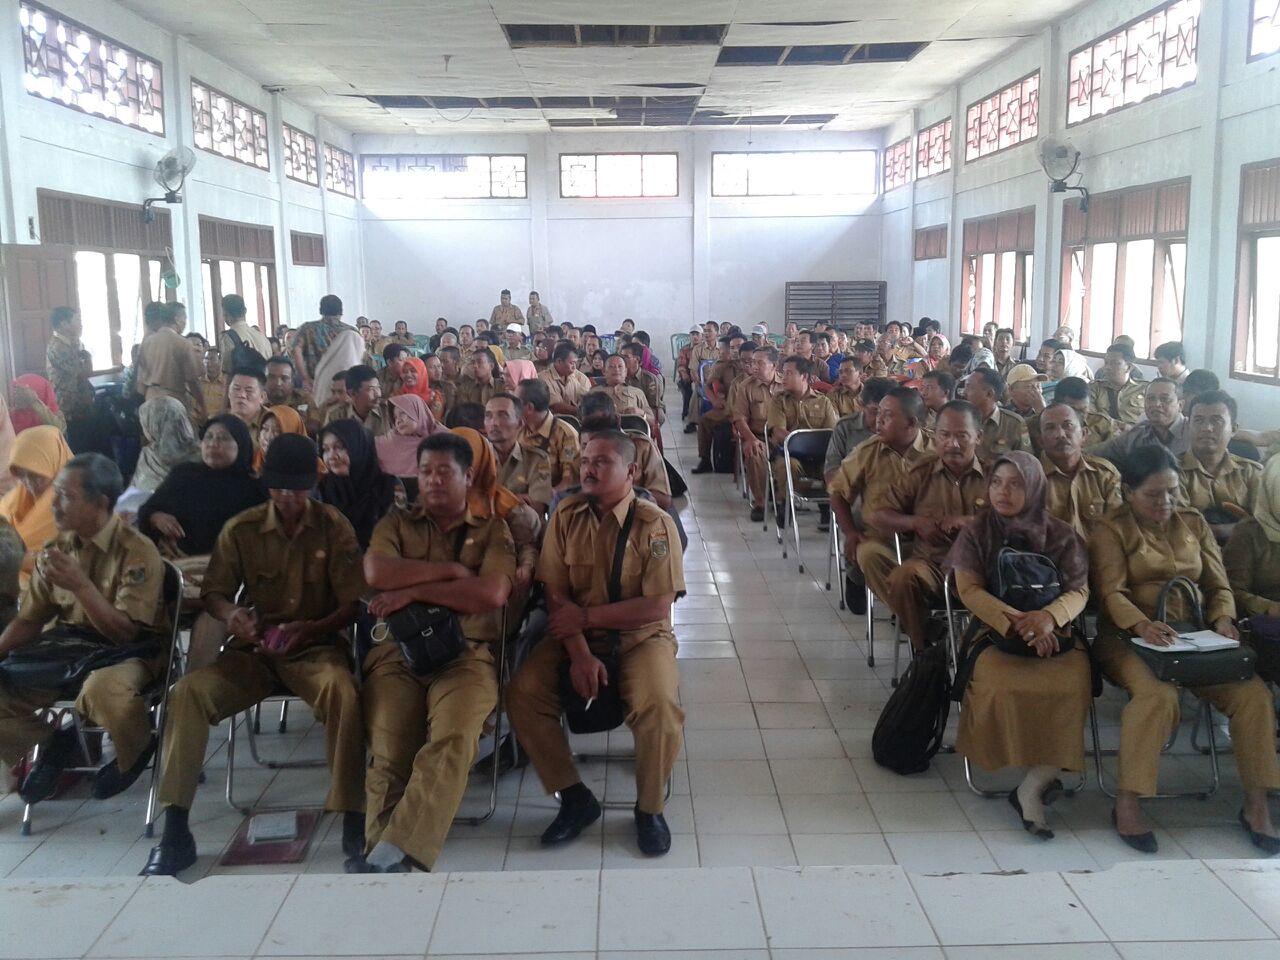 Dinas Pertanian Lamteng Siapkan Bibit untuk 500 Ha Sawah Puso